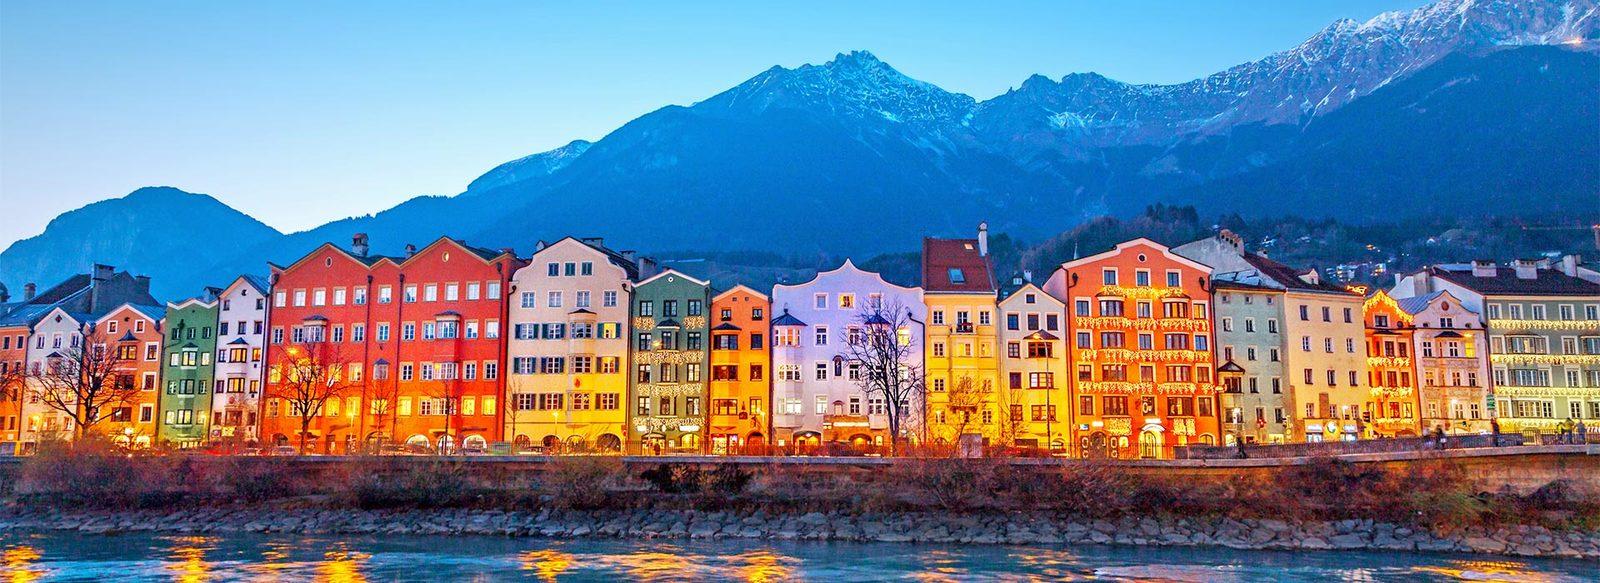 Soggiorno a Innsbruck con Innsbruck Card e ingresso alla Hofburg